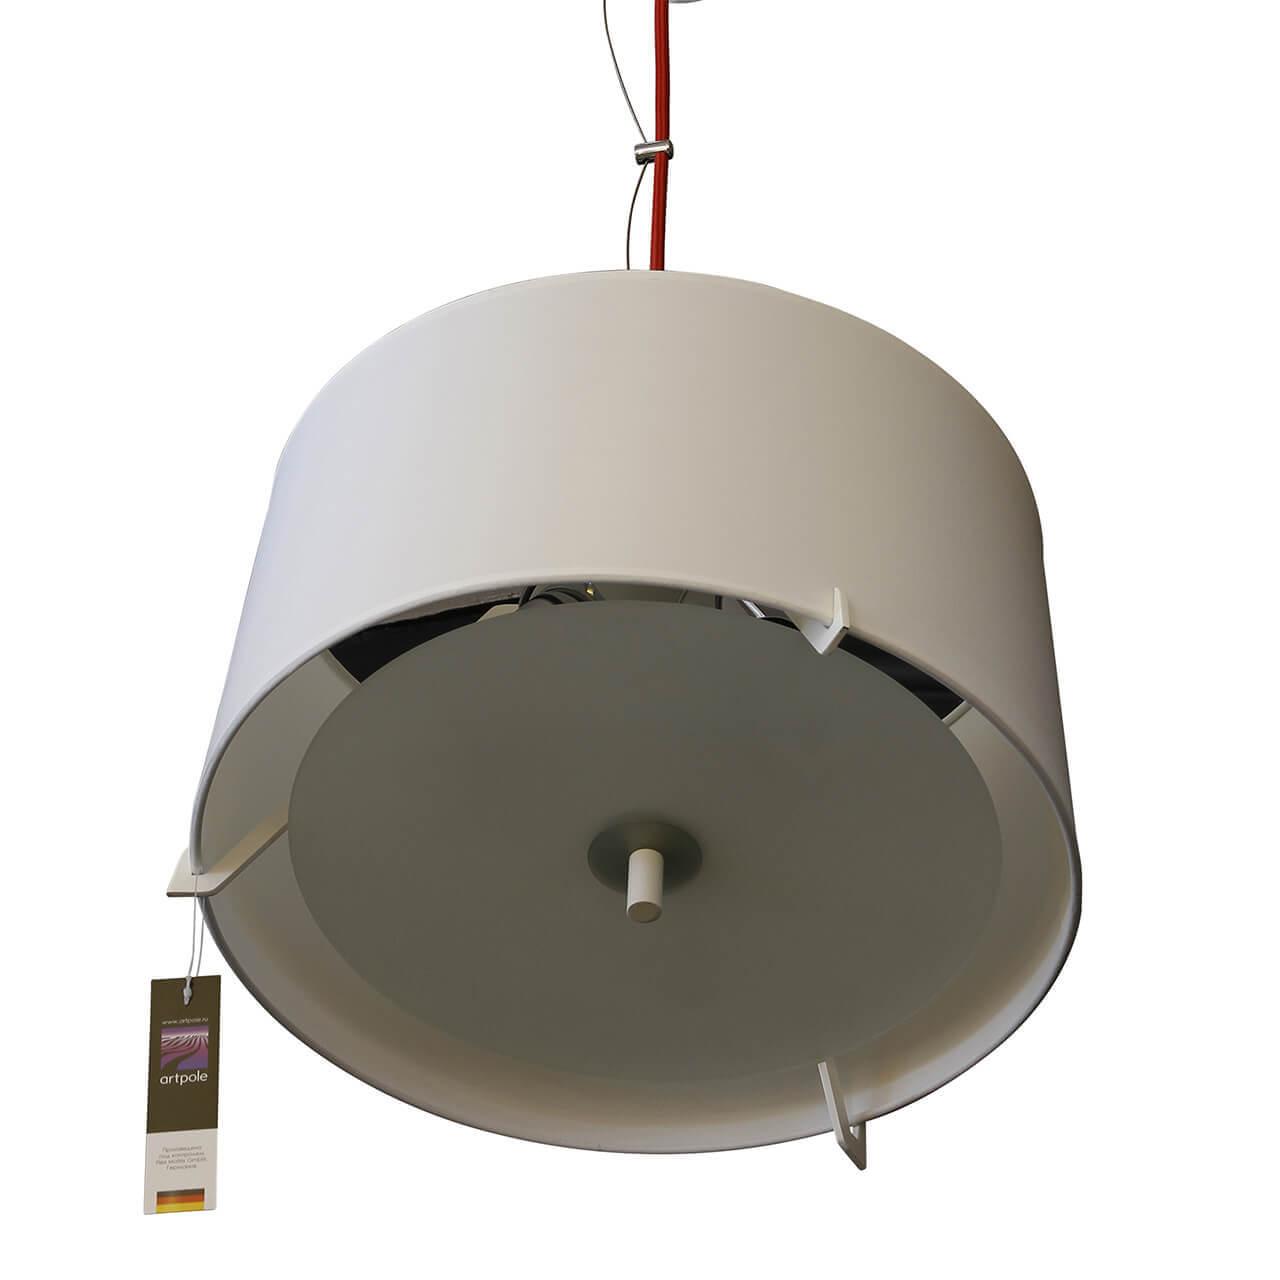 Светильник Artpole 001121 Wolke подвесной светильник artpole mondstein 001110